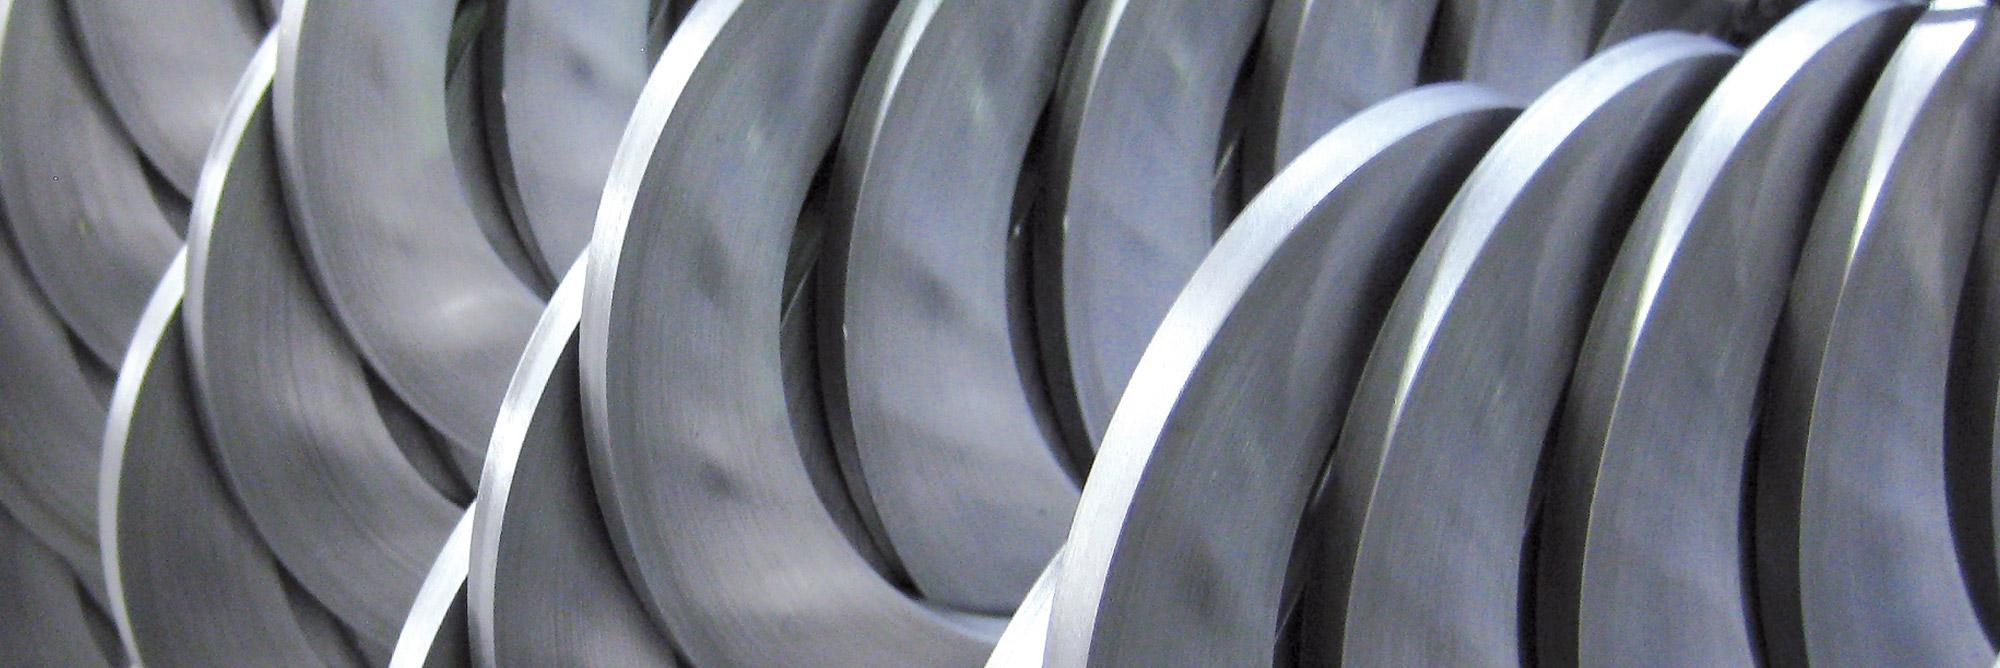 Turbolatori e spirali metalliche per coclee: spirali a spessore continuo Eurospiral